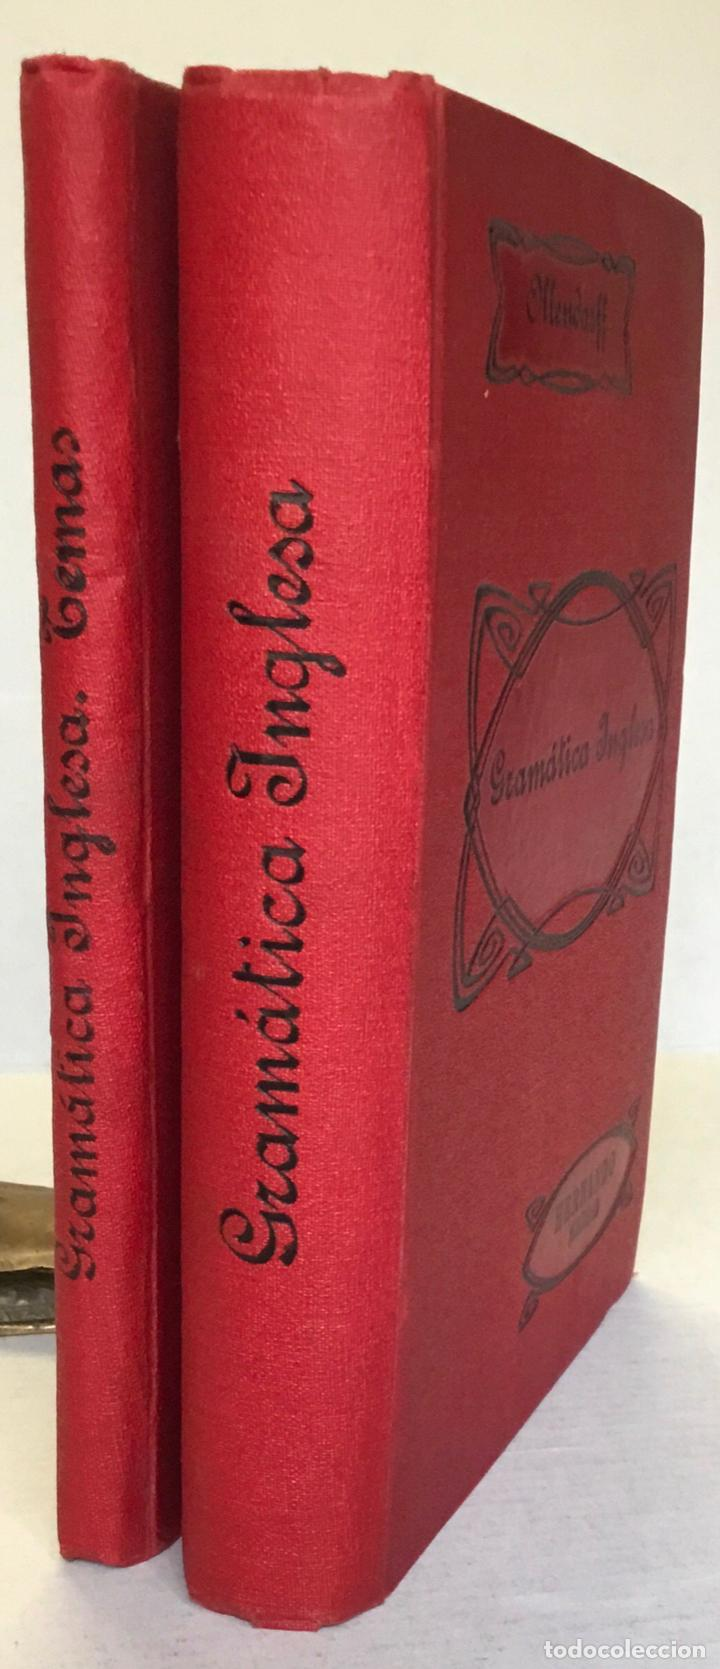 OLLENDORFF REFORMADO. GRAMÁTICA INGLESA Y MÉTODO PARA APRENDERLA. - BENOT, EDUARDO. (Libros Antiguos, Raros y Curiosos - Ciencias, Manuales y Oficios - Pedagogía)